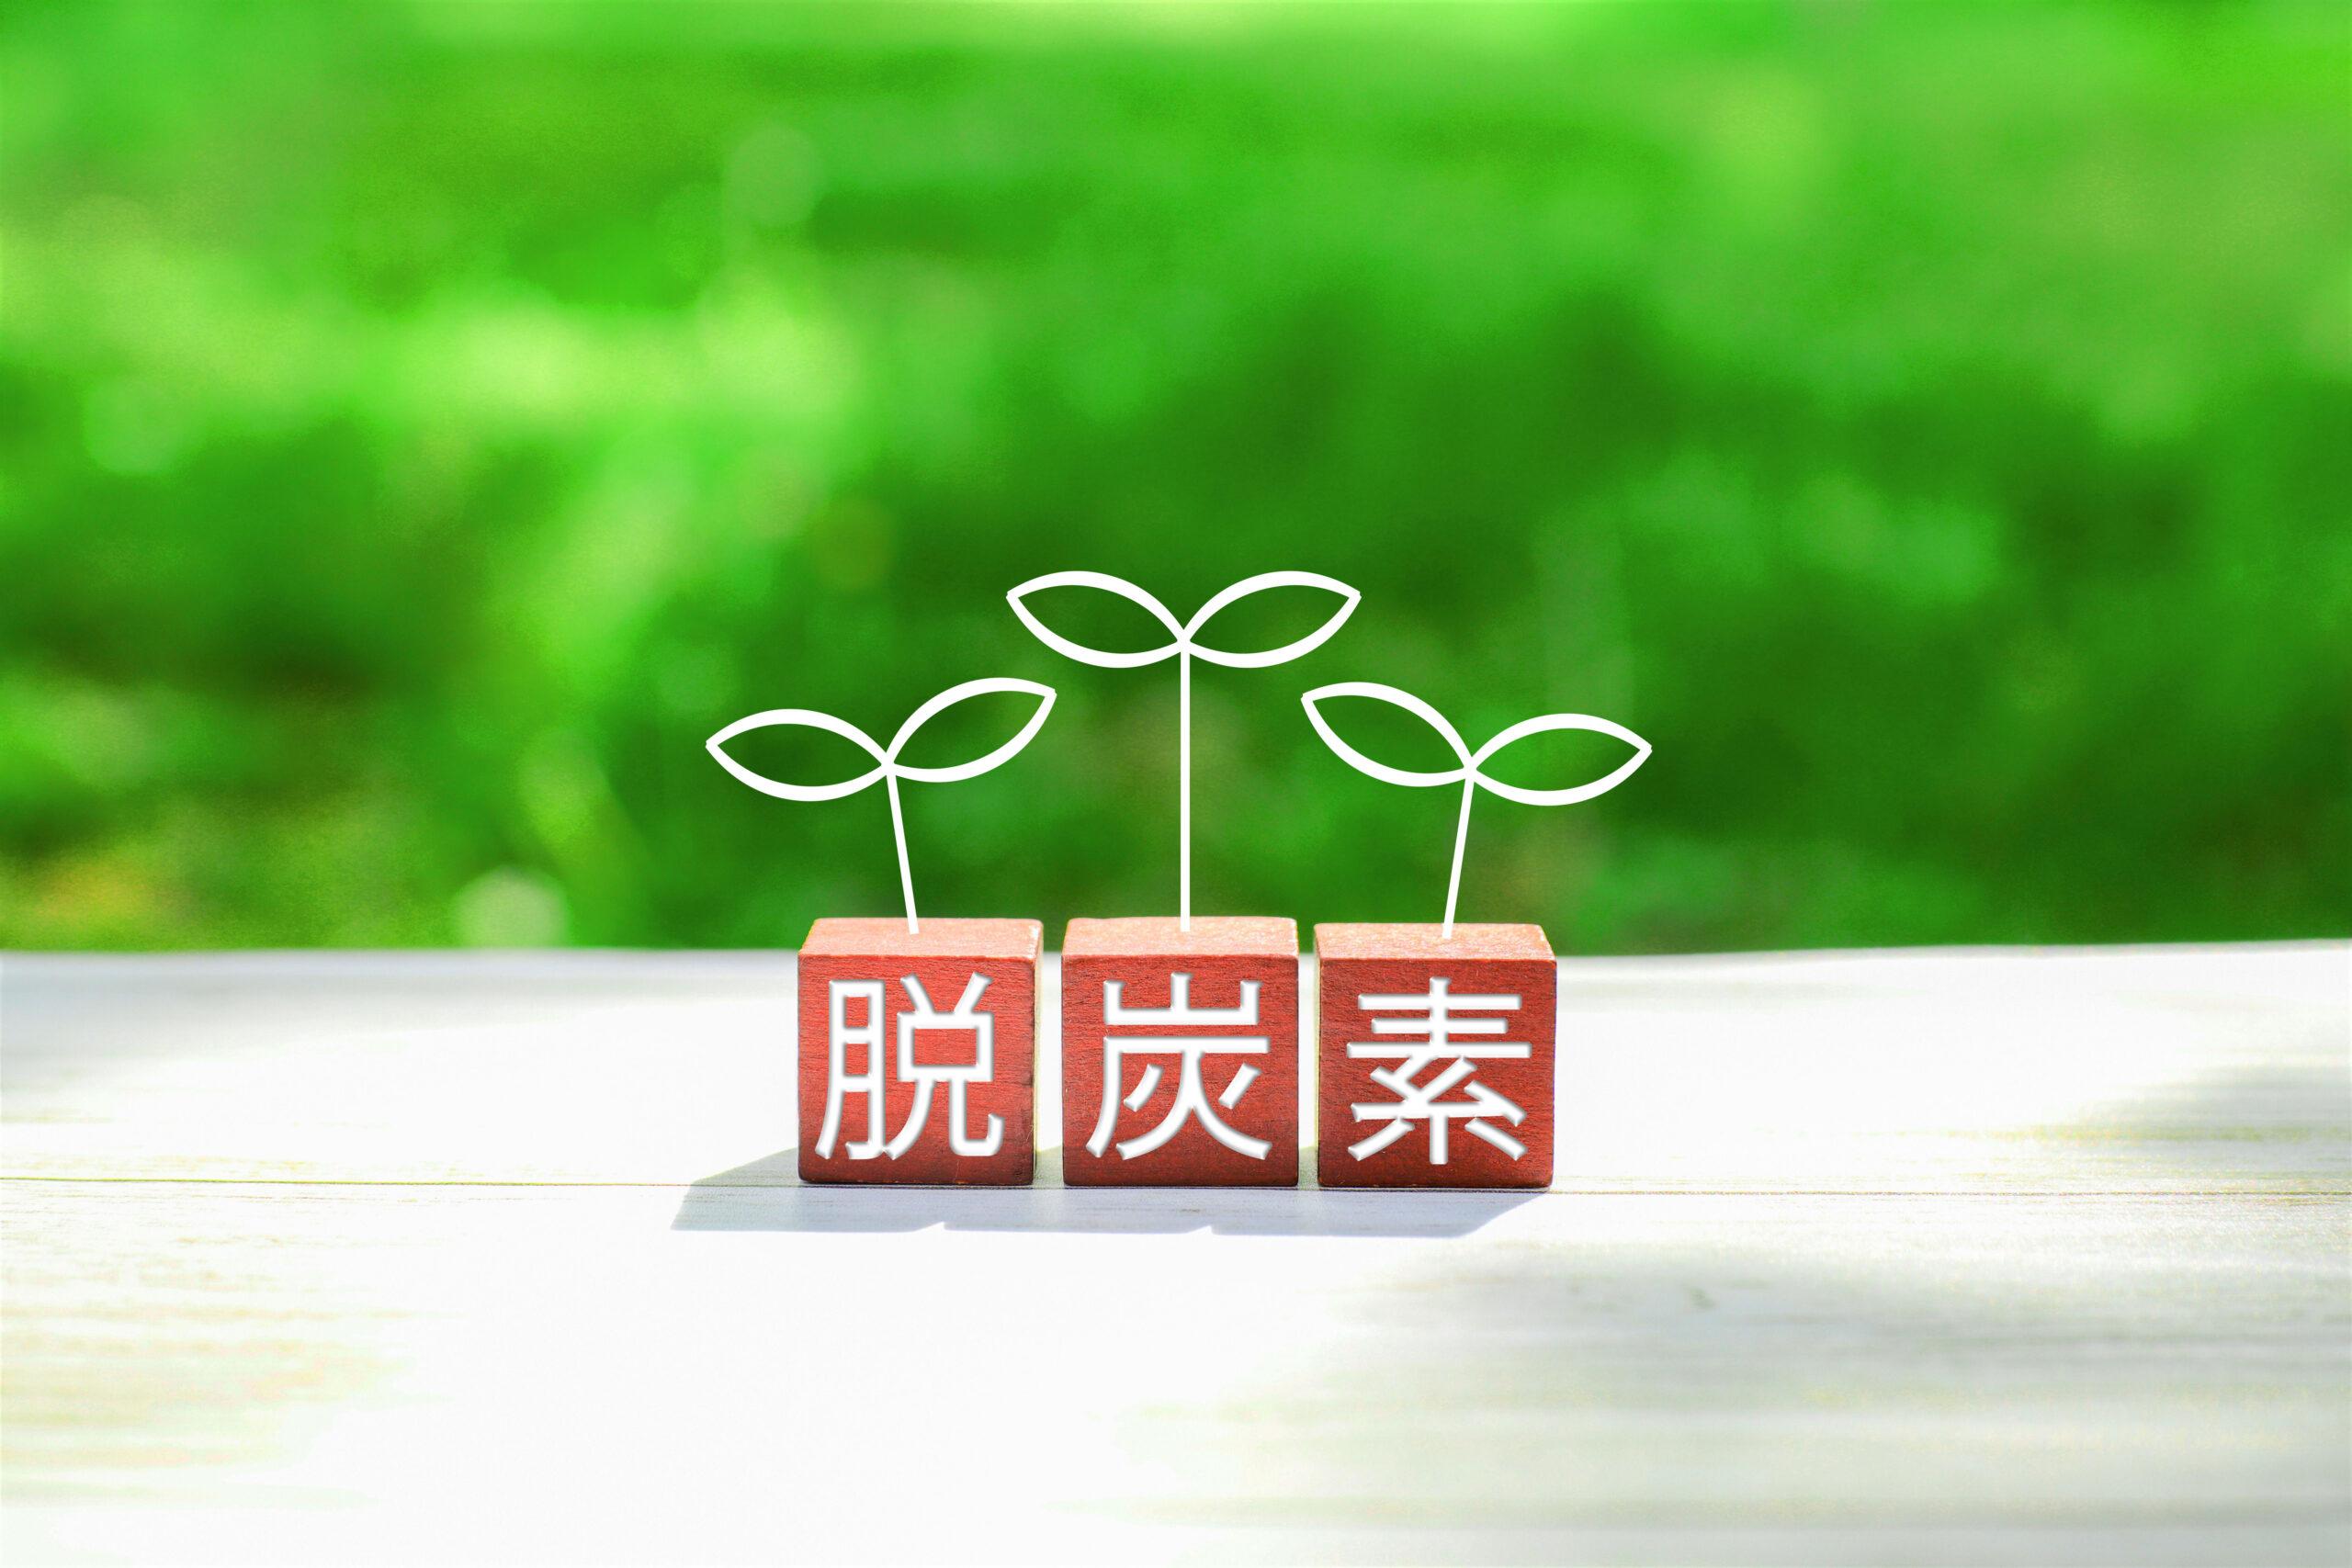 【日本企業の取組事例】中小もカーボンニュートラルを目指すメリットとは?